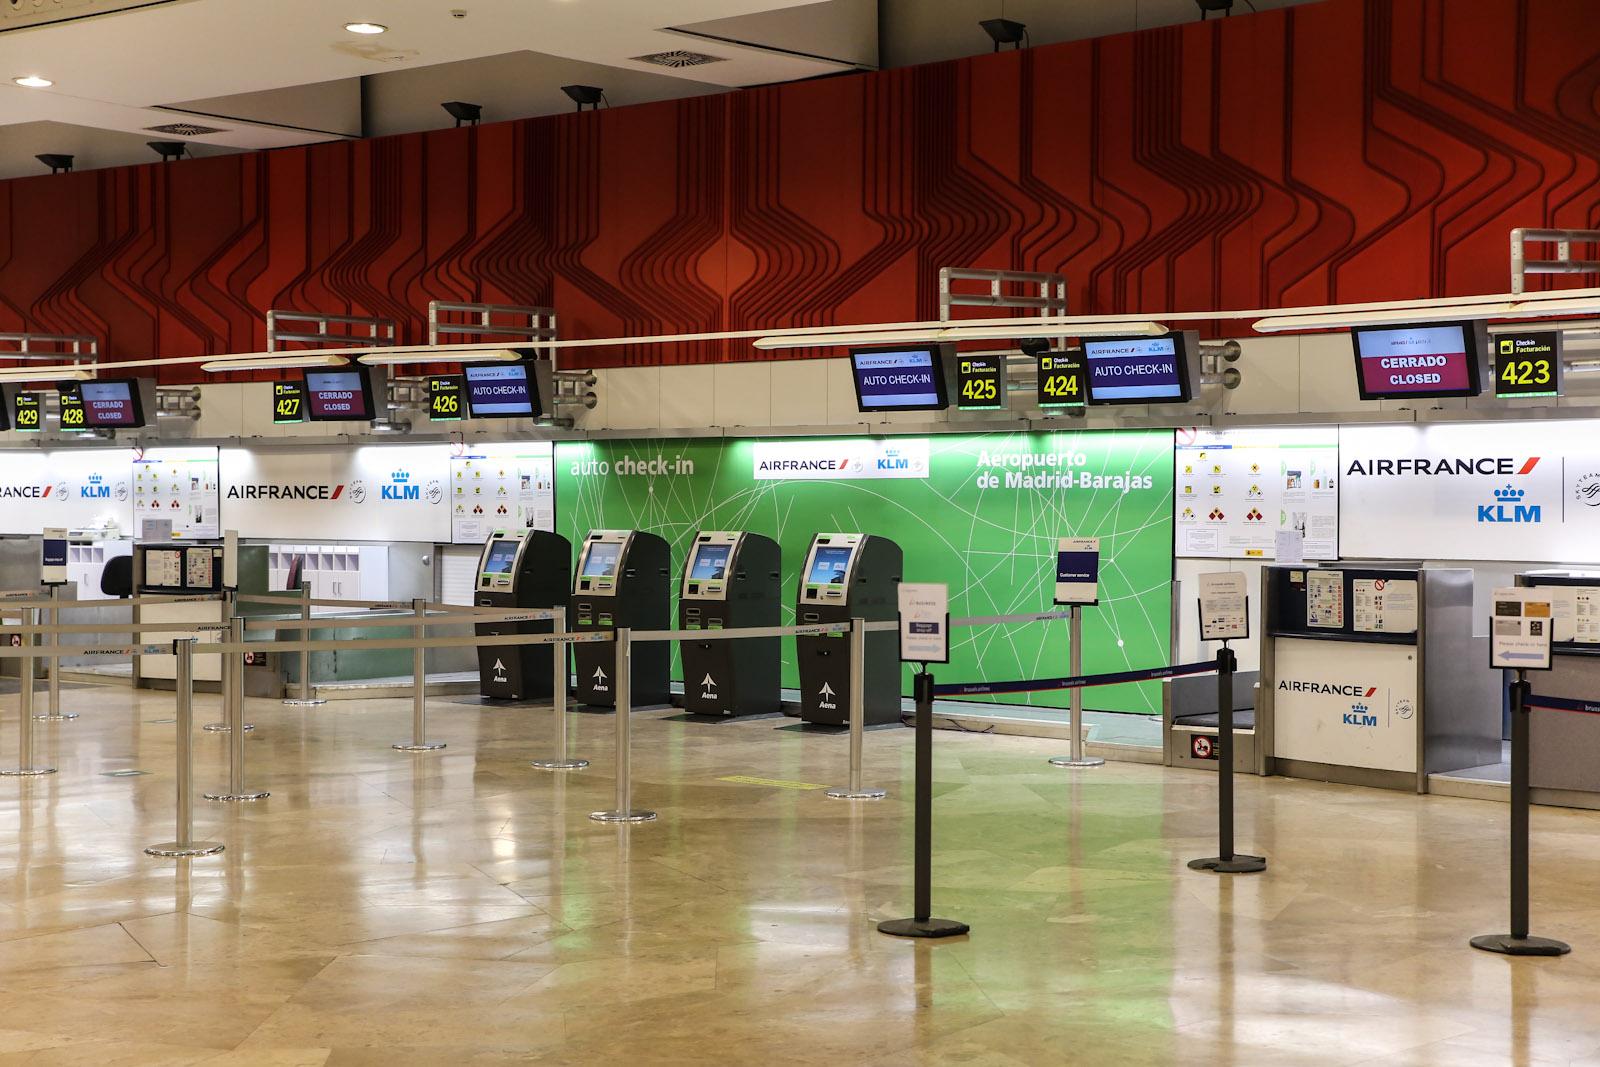 Стойки регистрации Air France-KLM в терминале Т2 аэропорта Барахас